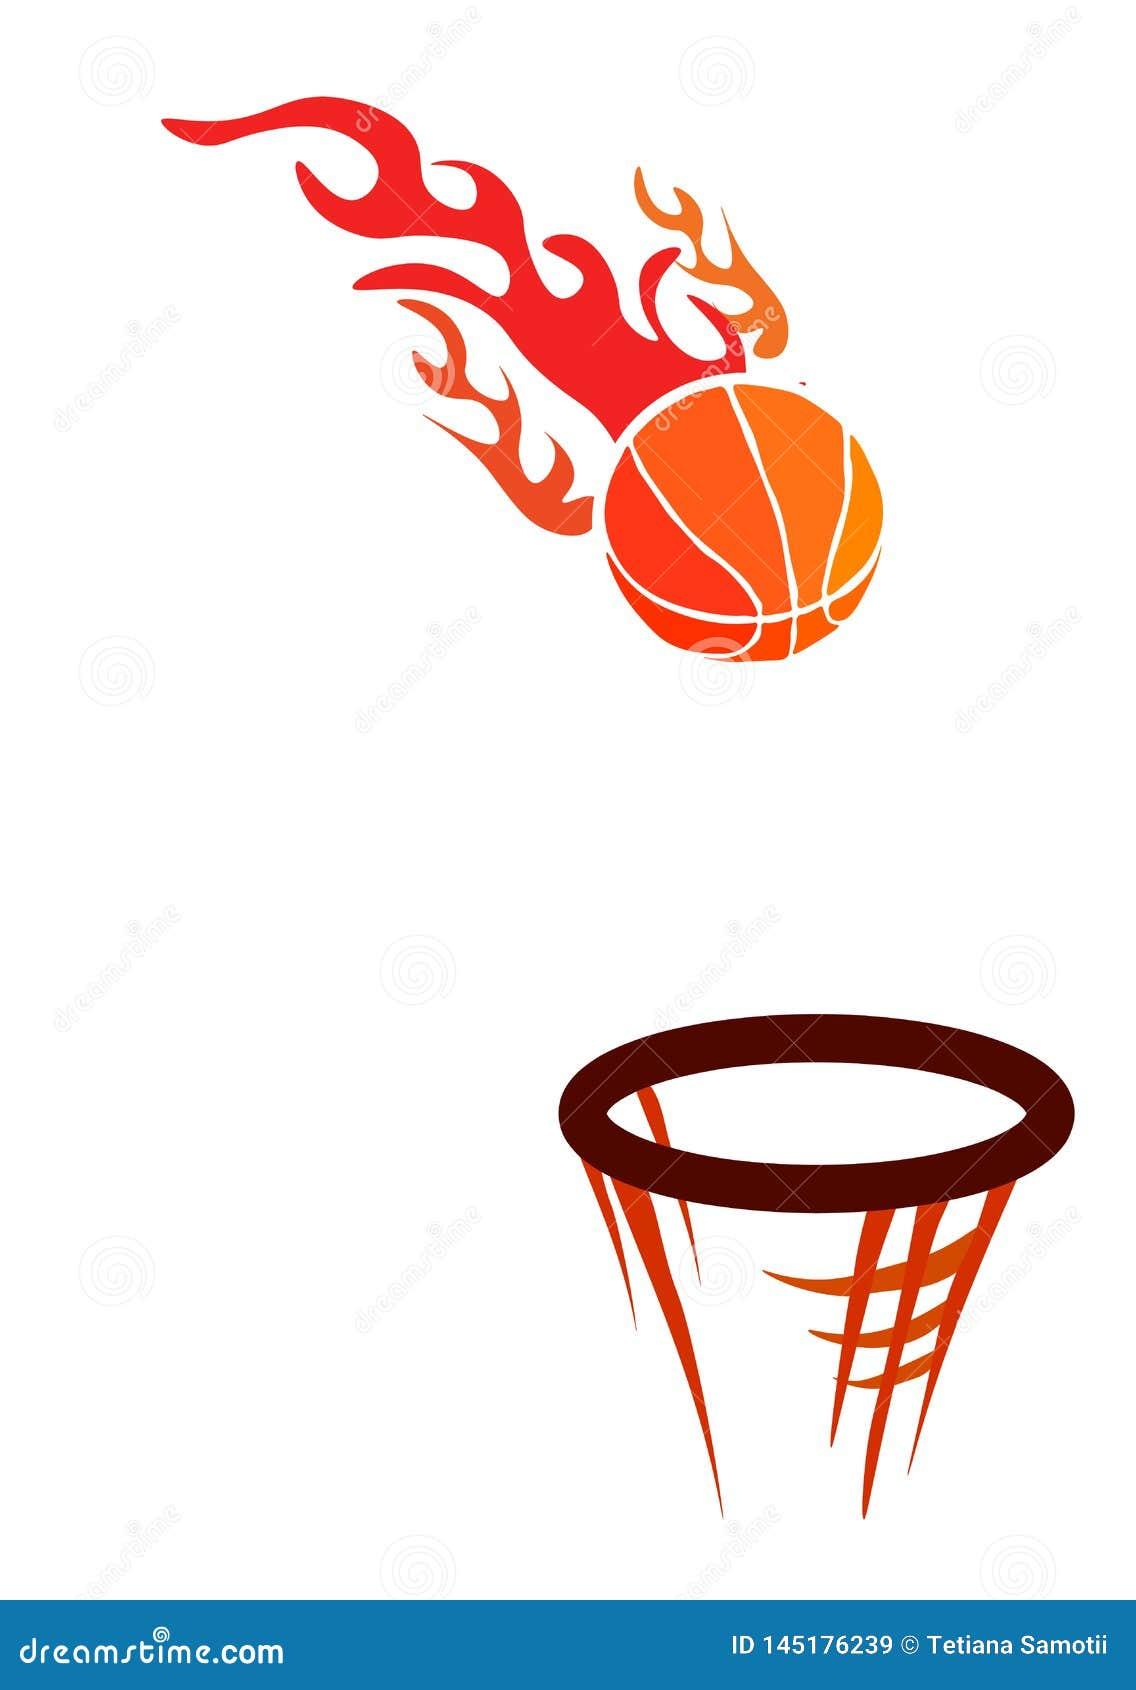 Web Logotipo do vetor para um clube do basquetebol, consistindo em uma bola ardente do basquetebol da chama alaranjada do fogo em